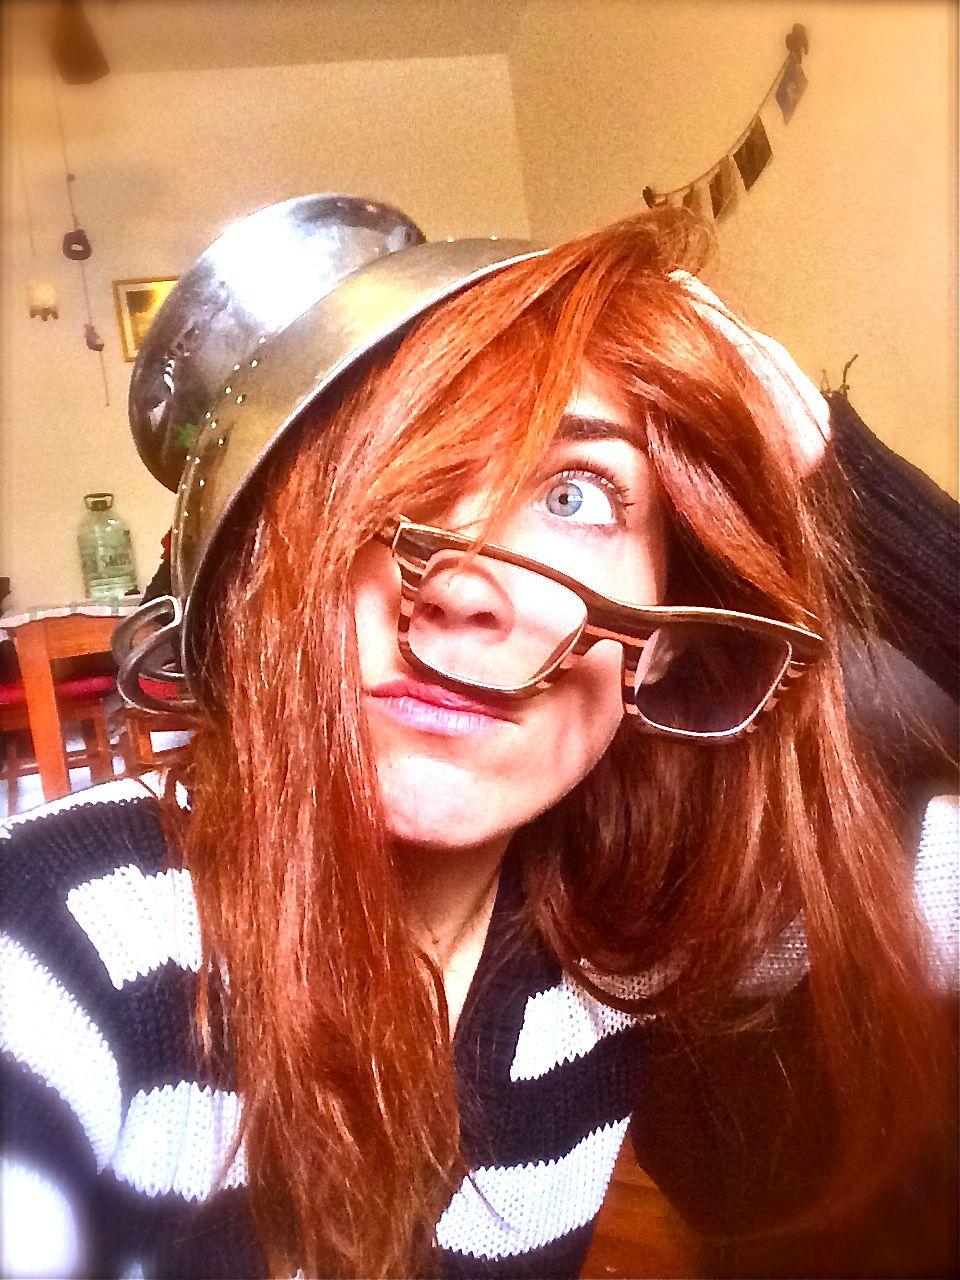 chica peliroja con lentes chuecos